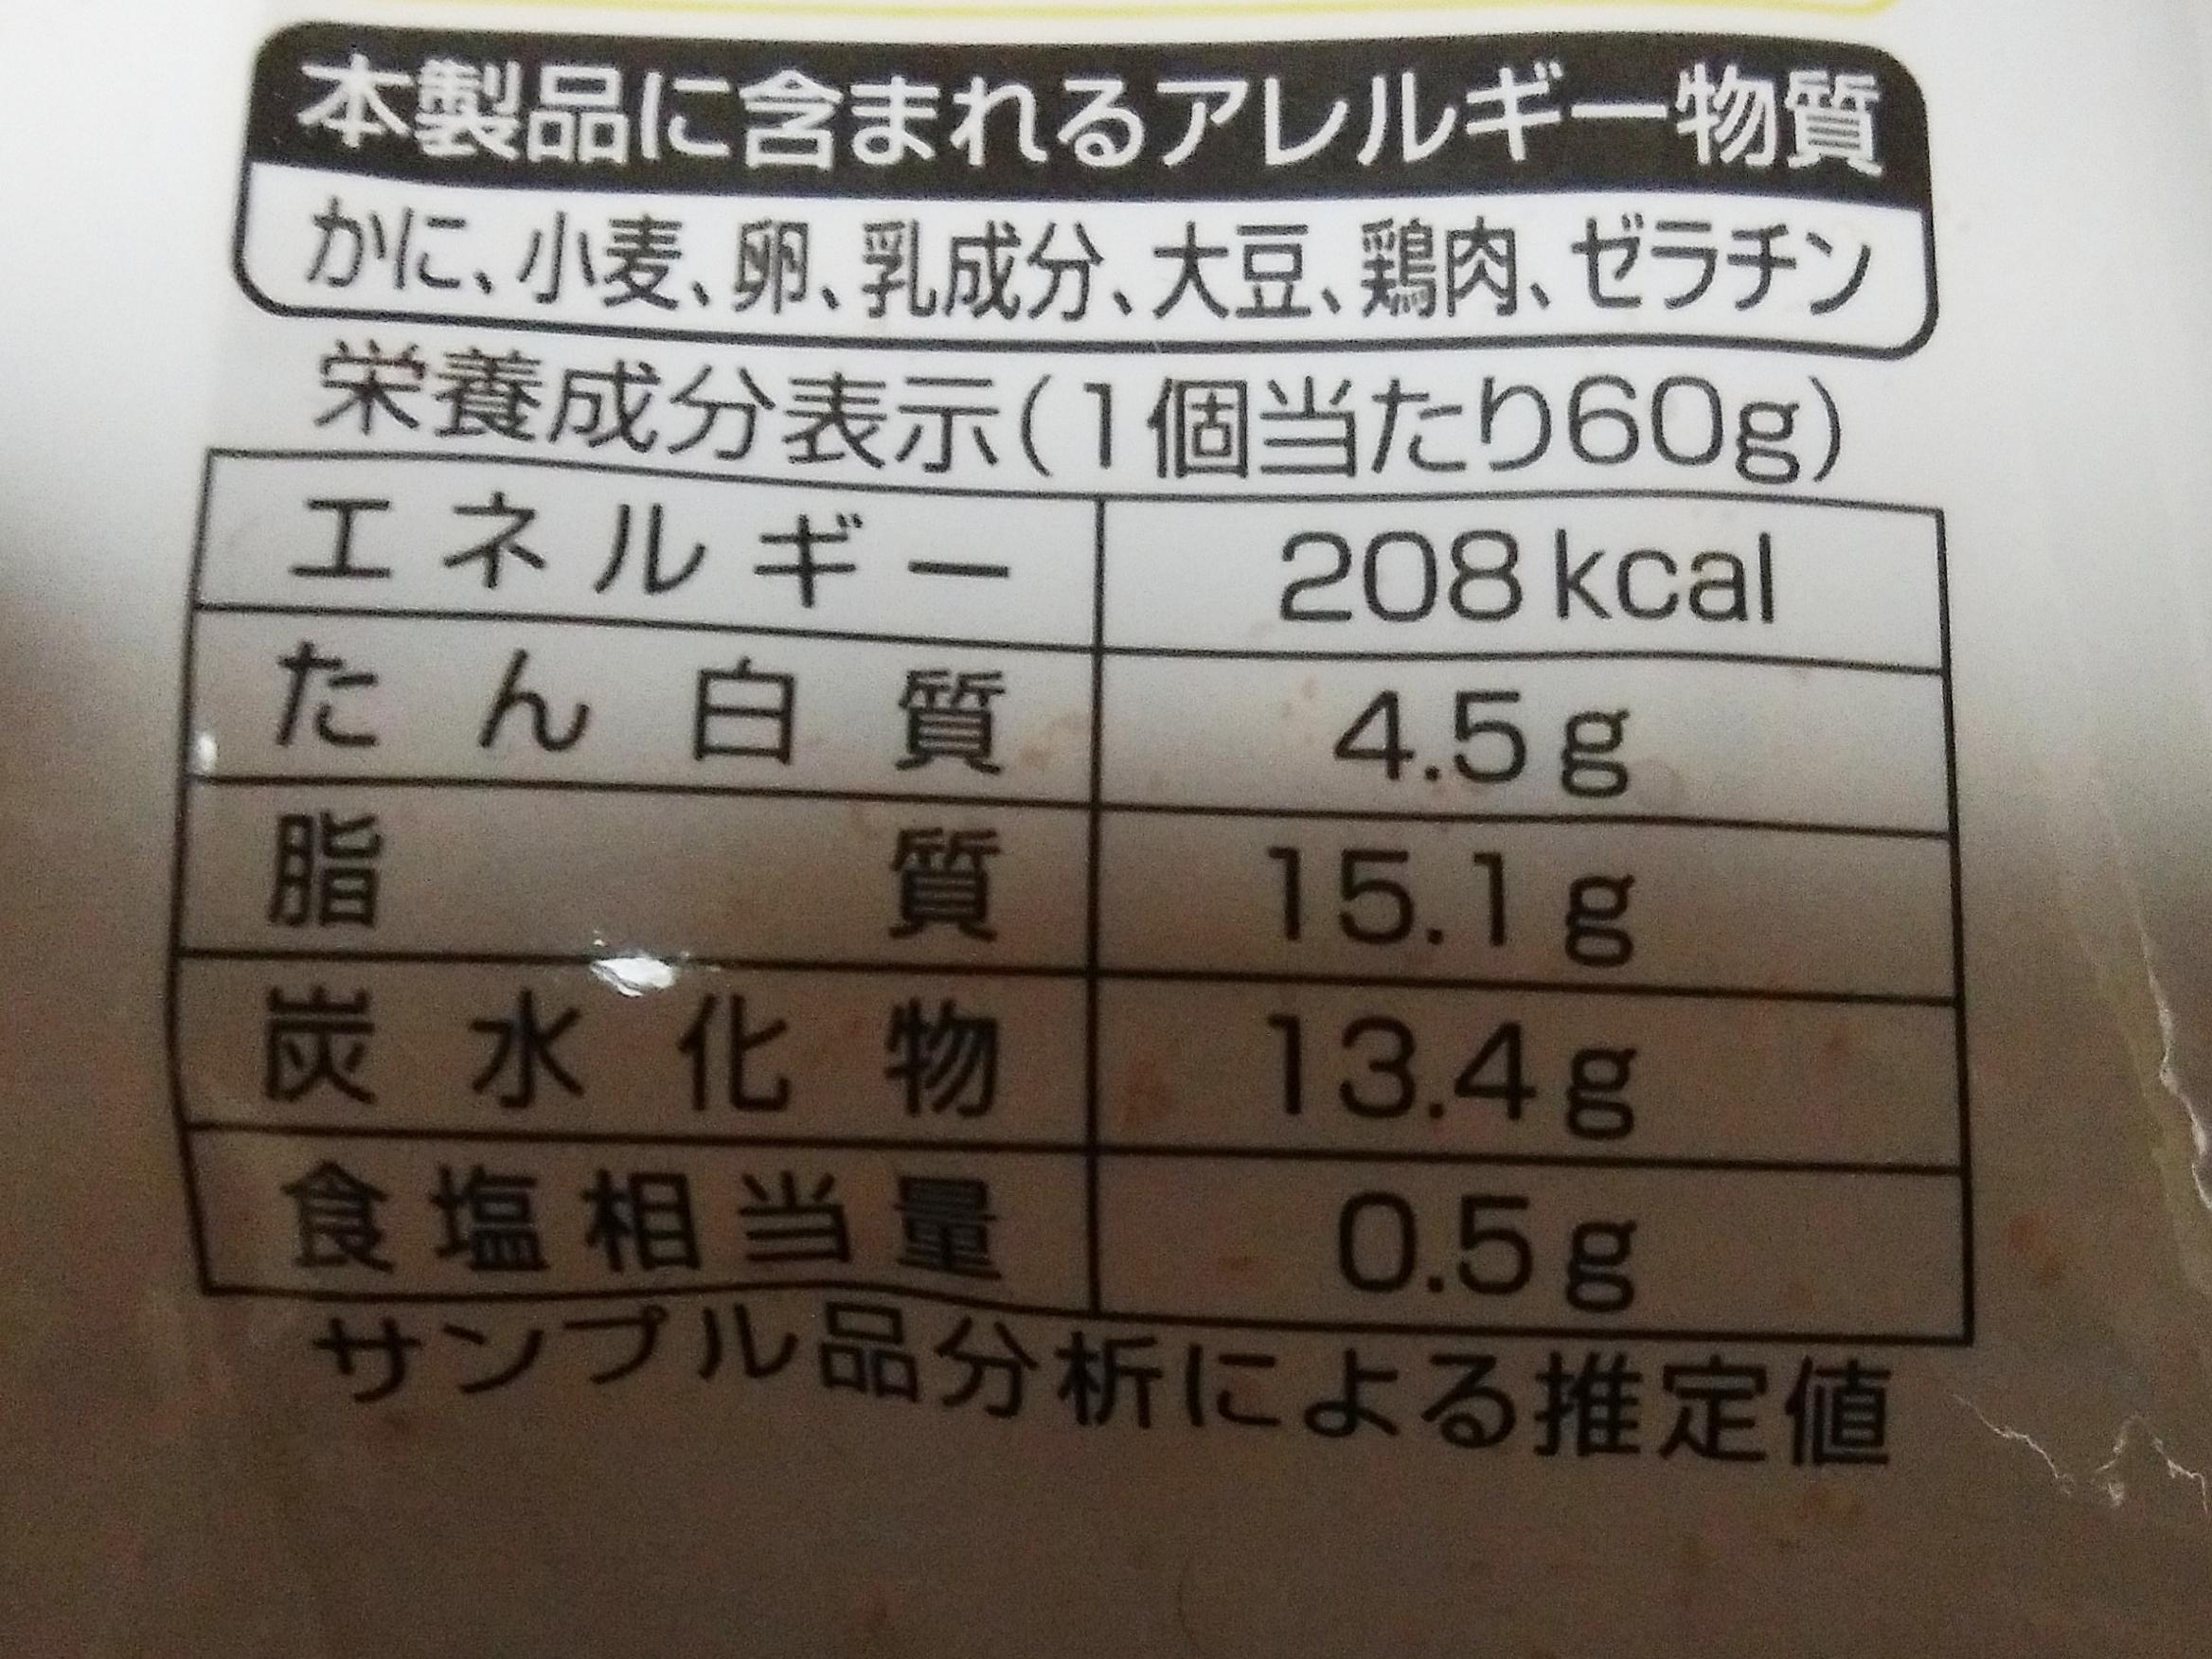 ファミマの冷凍・とろ~んクリームカニコロッケは美味しい?値段も!39